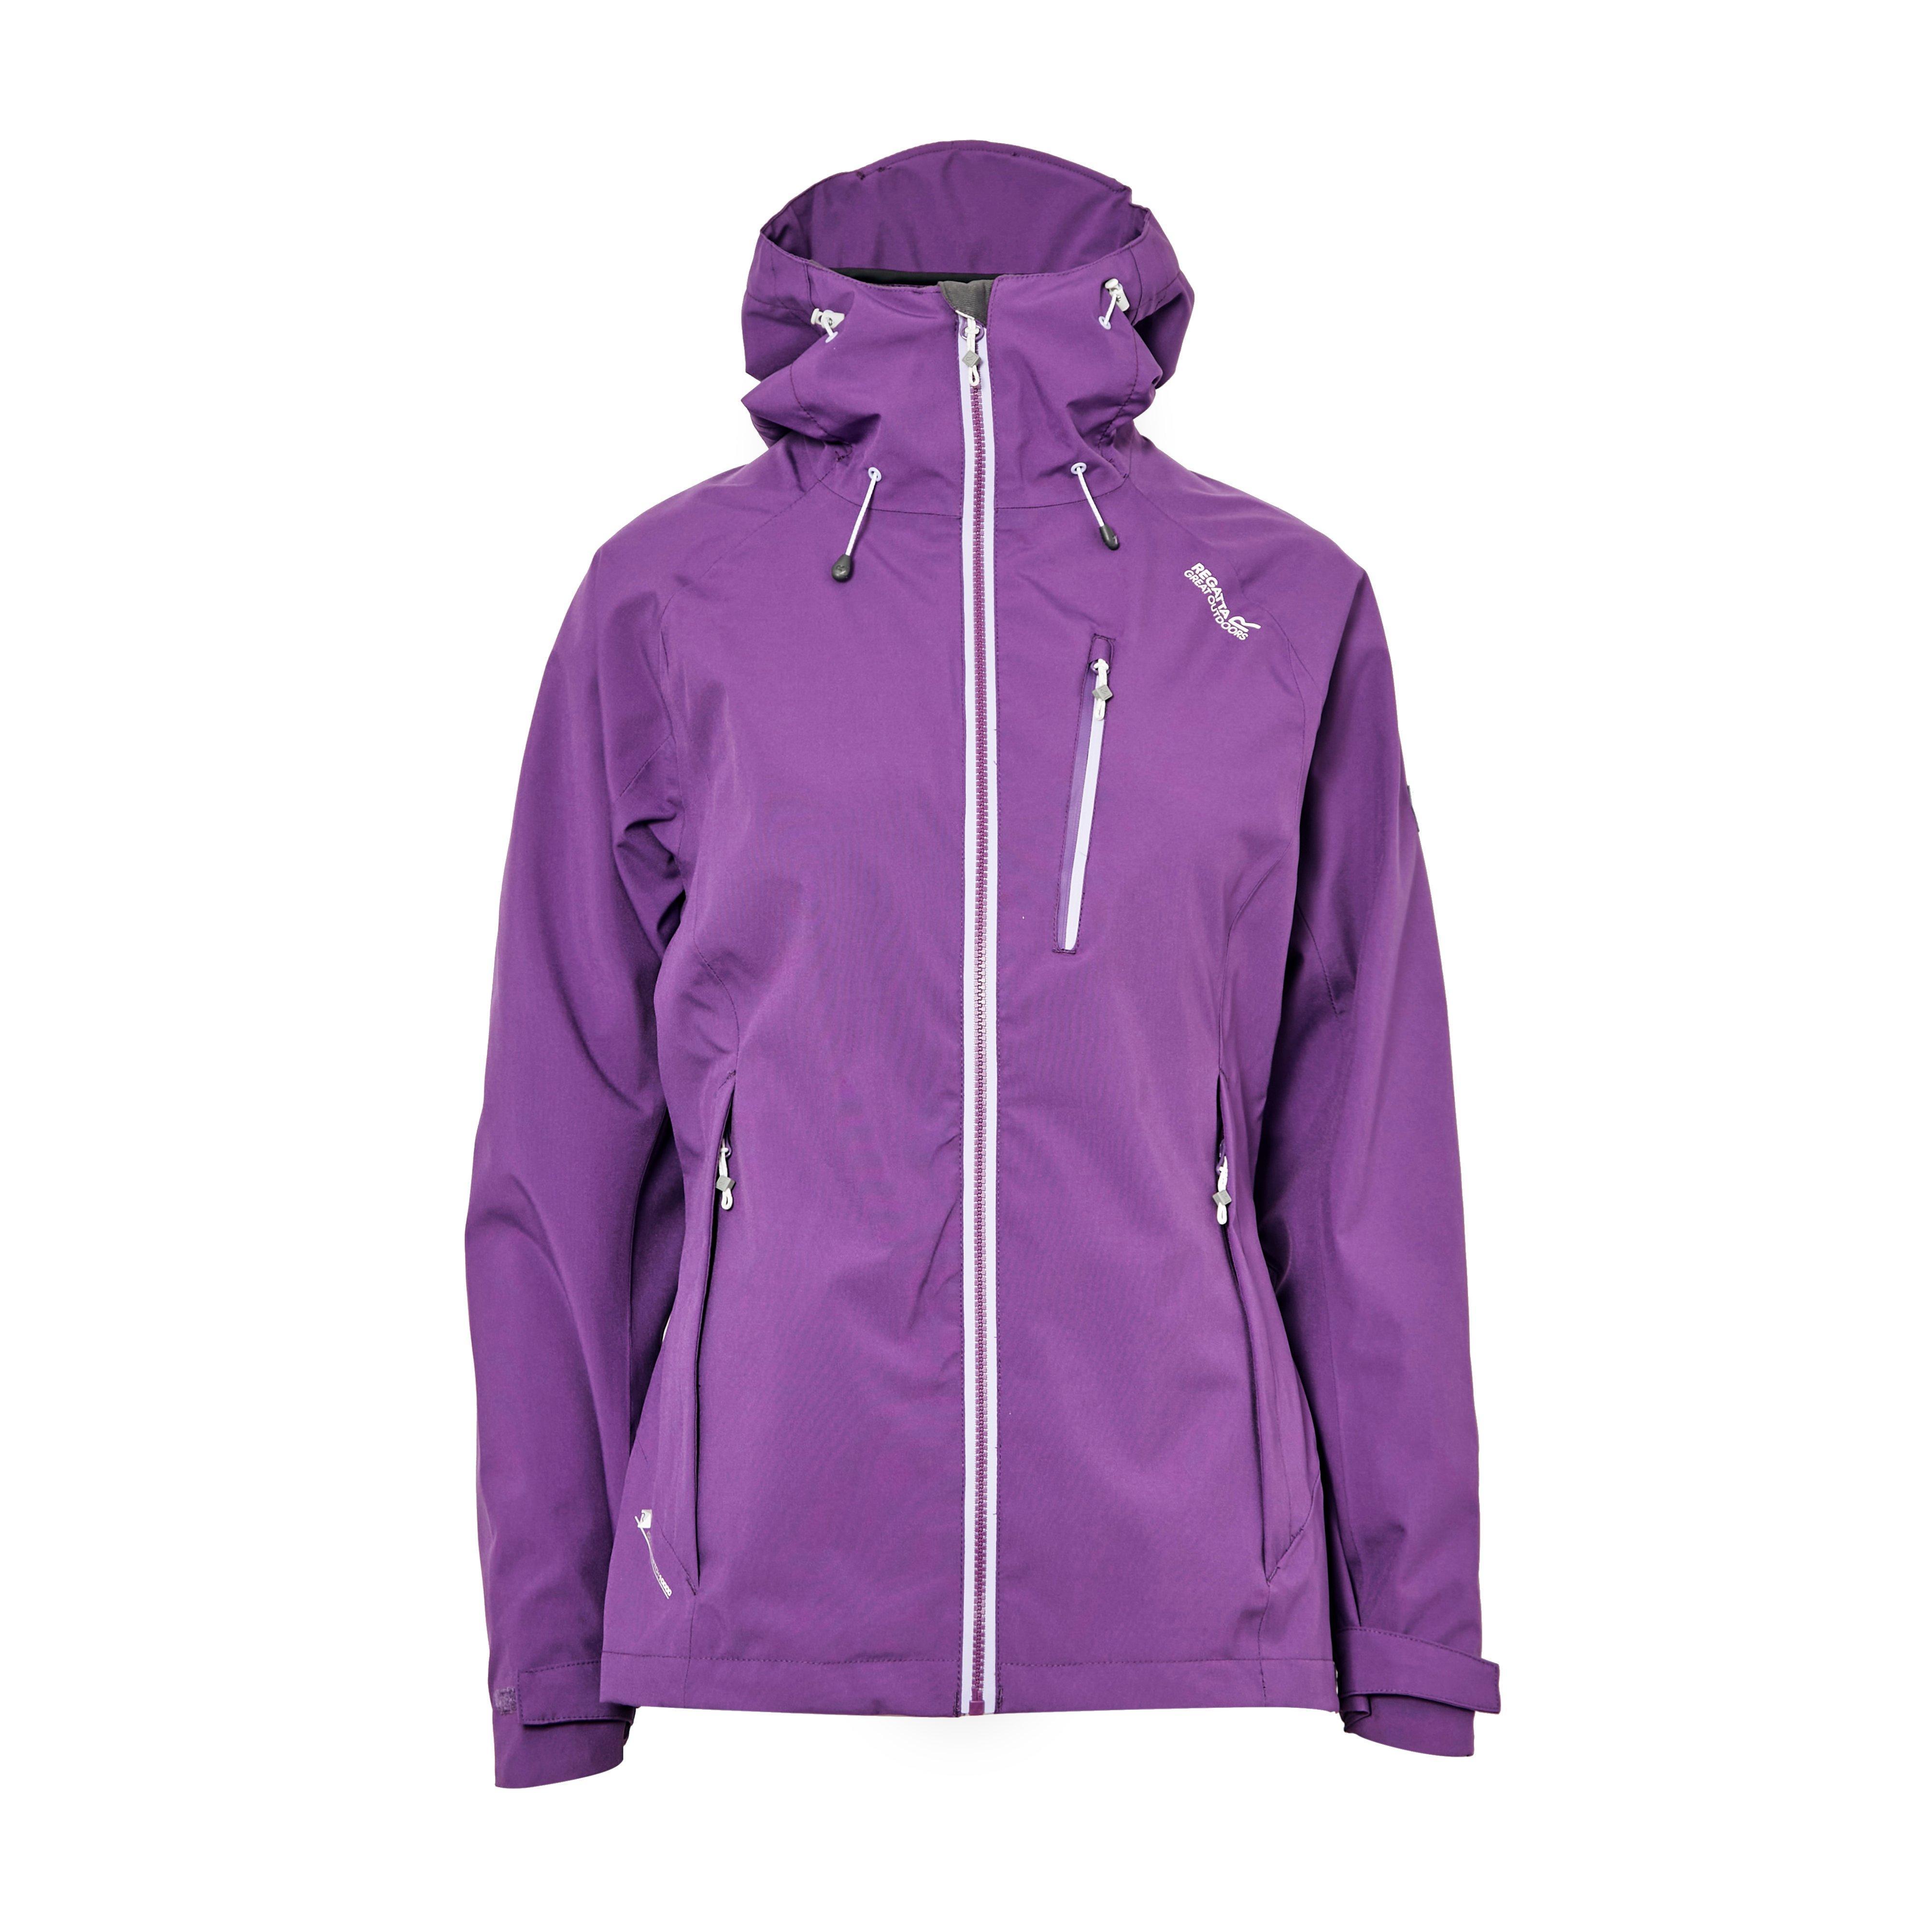 Regatta Women's Birchdale Waterproof Jacket - Purple/Purple, Purple